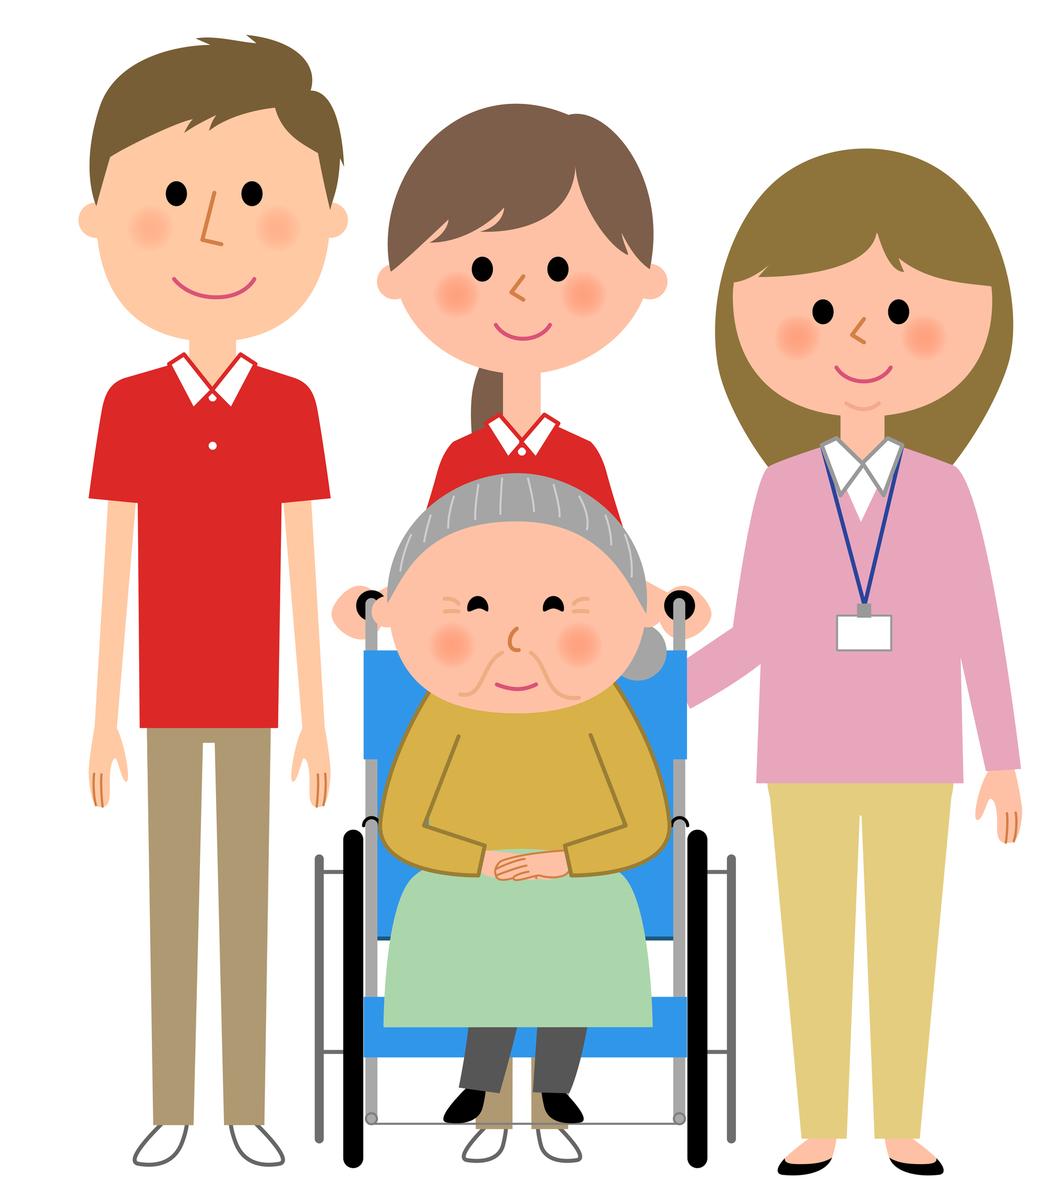 居宅介護支援事業所のサービス内容とは?